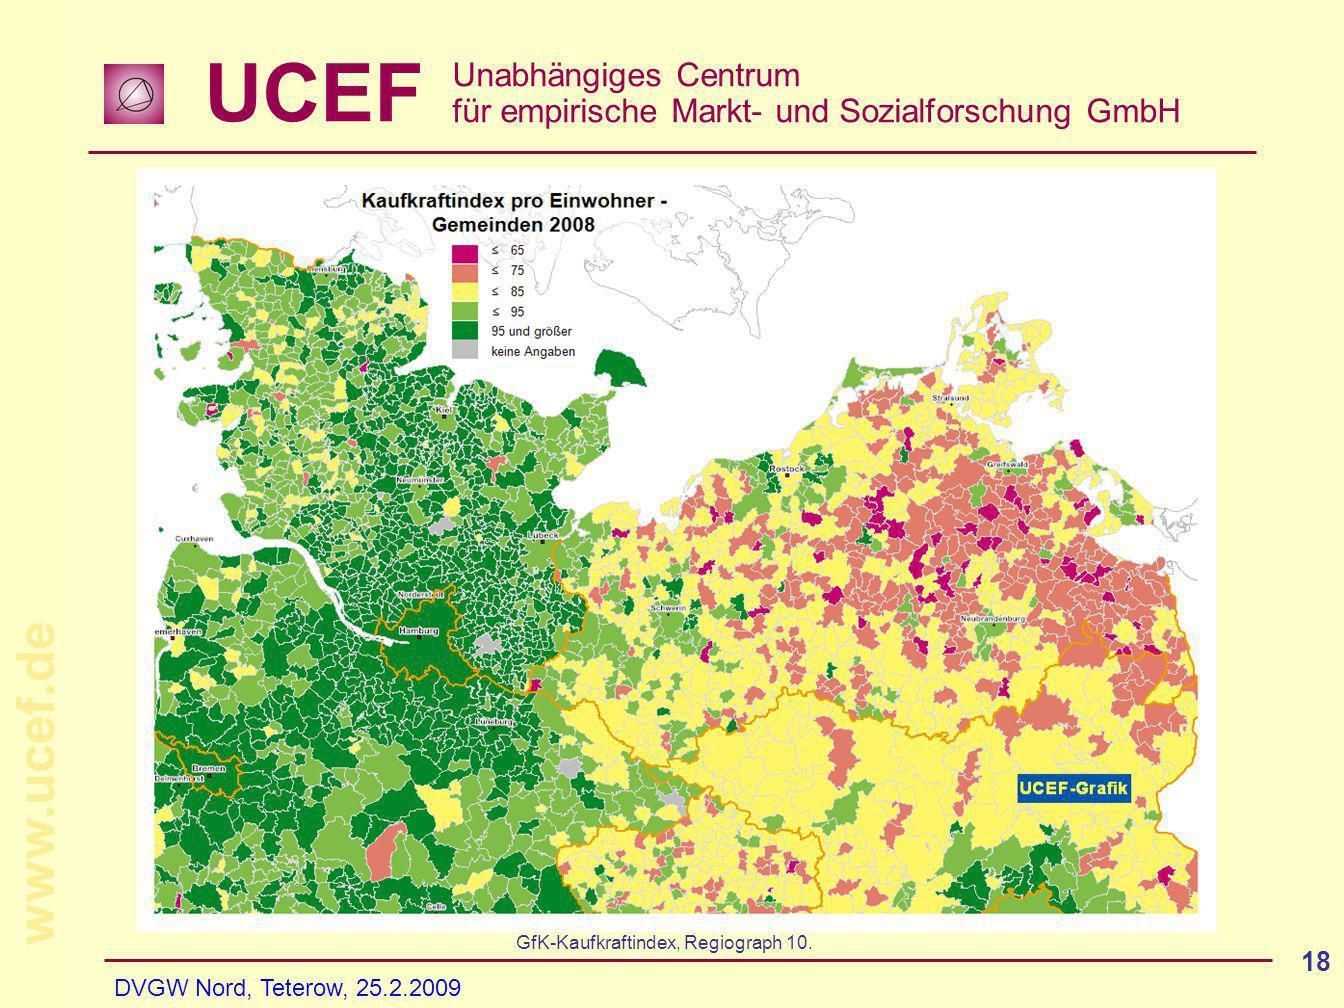 UCEF Unabhängiges Centrum für empirische Markt- und Sozialforschung GmbH www.ucef.de DVGW Nord, Teterow, 25.2.2009 18 GfK-Kaufkraftindex, Regiograph 10.